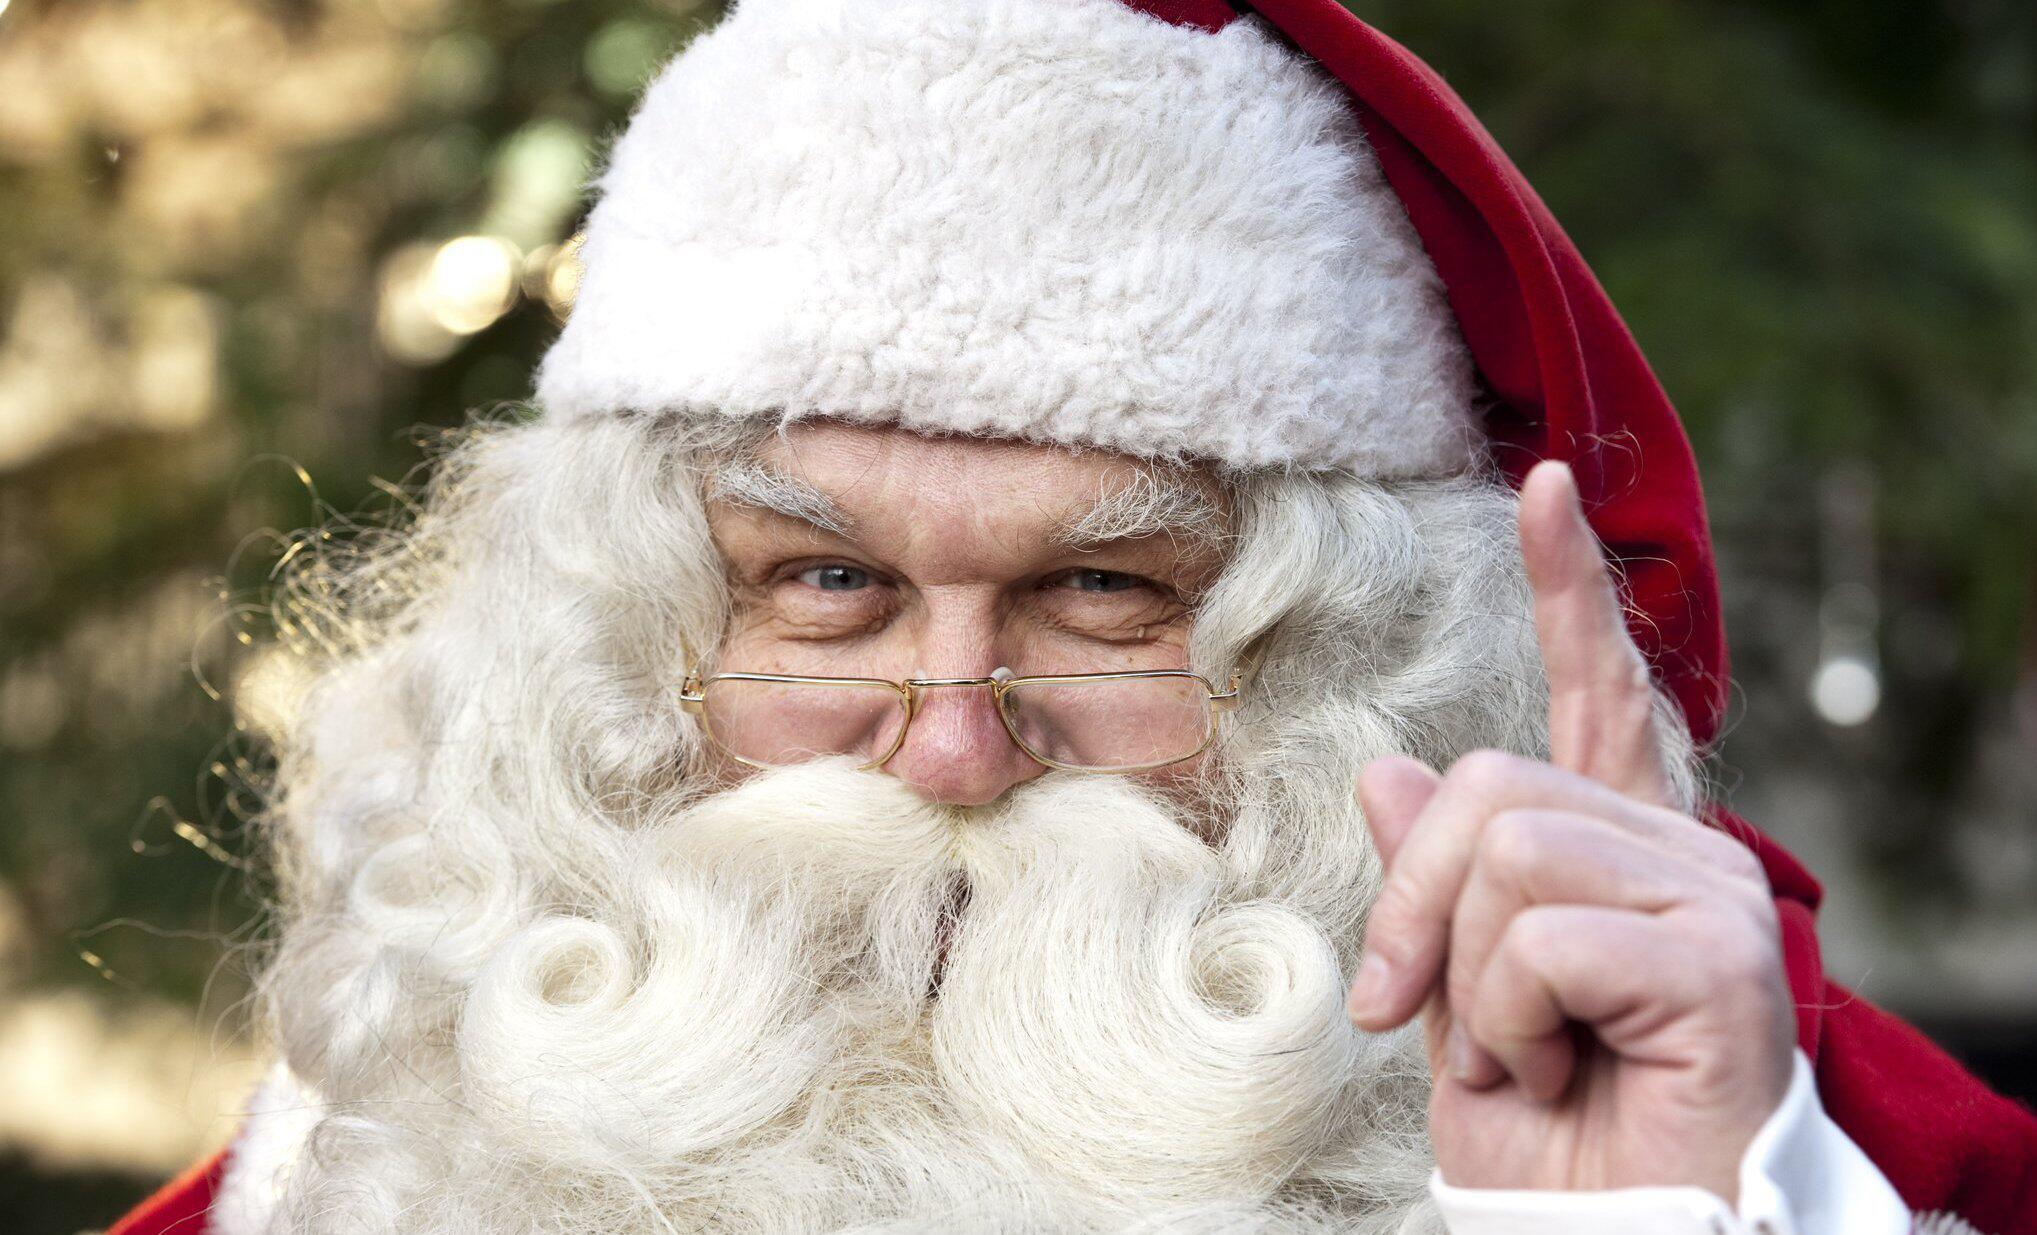 Bild zu Weihnachtsmann